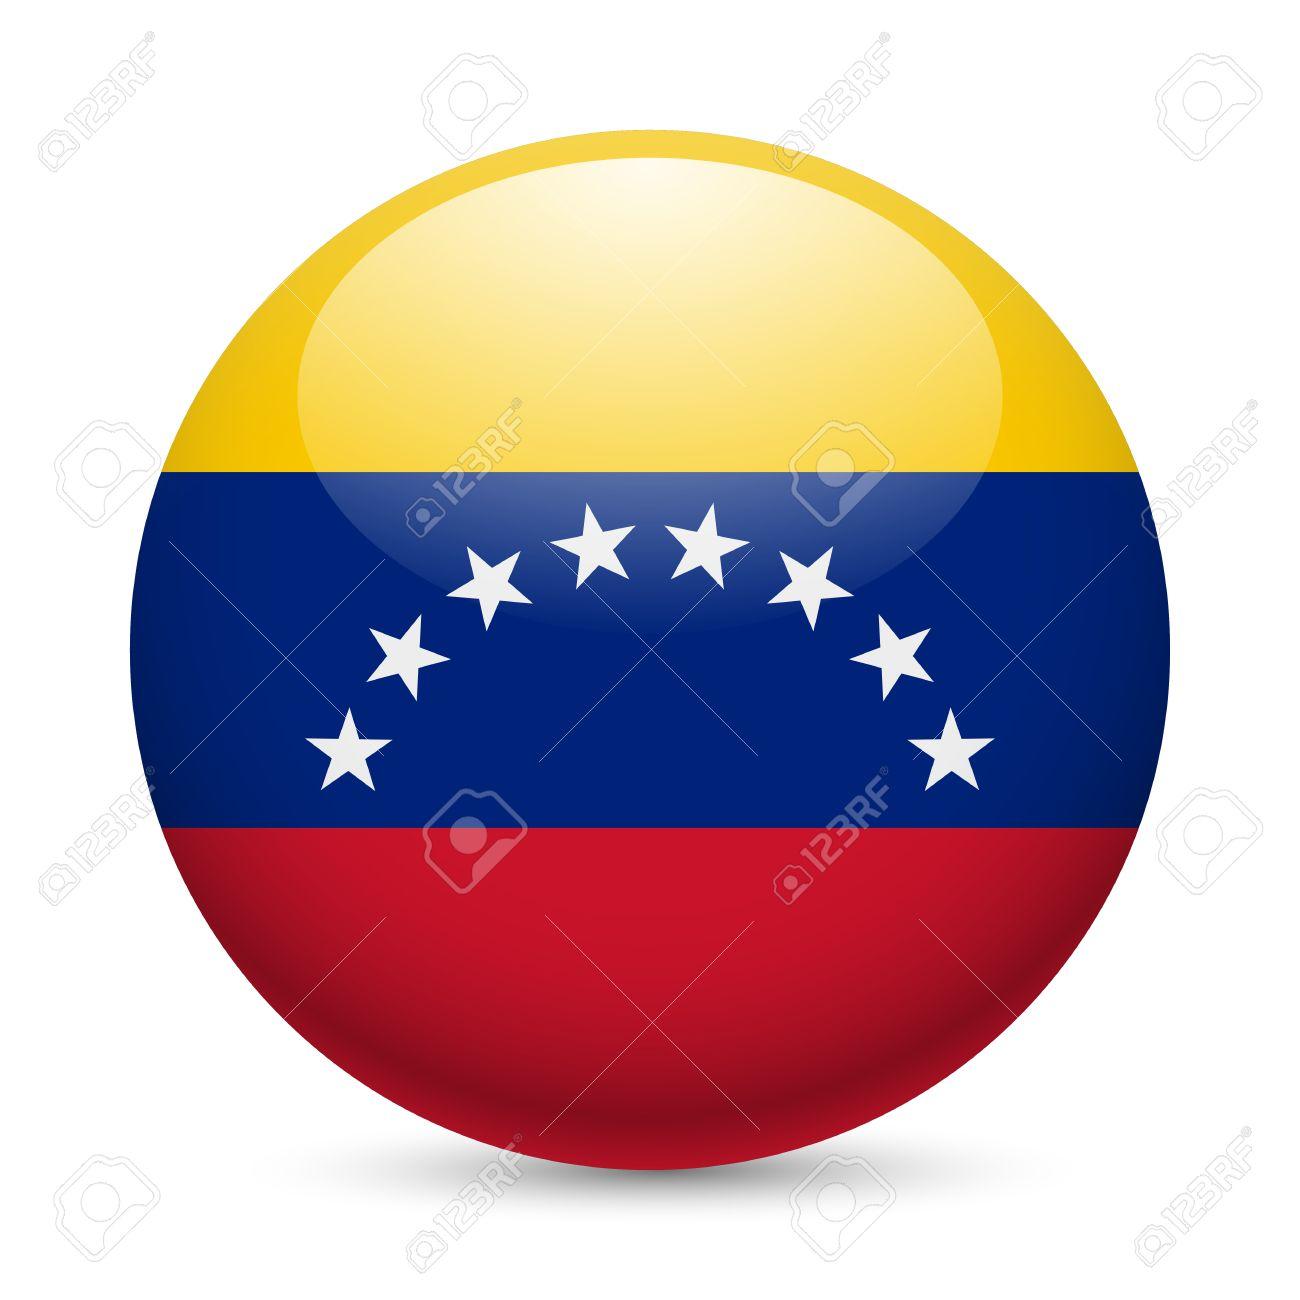 icono bandera venezuela